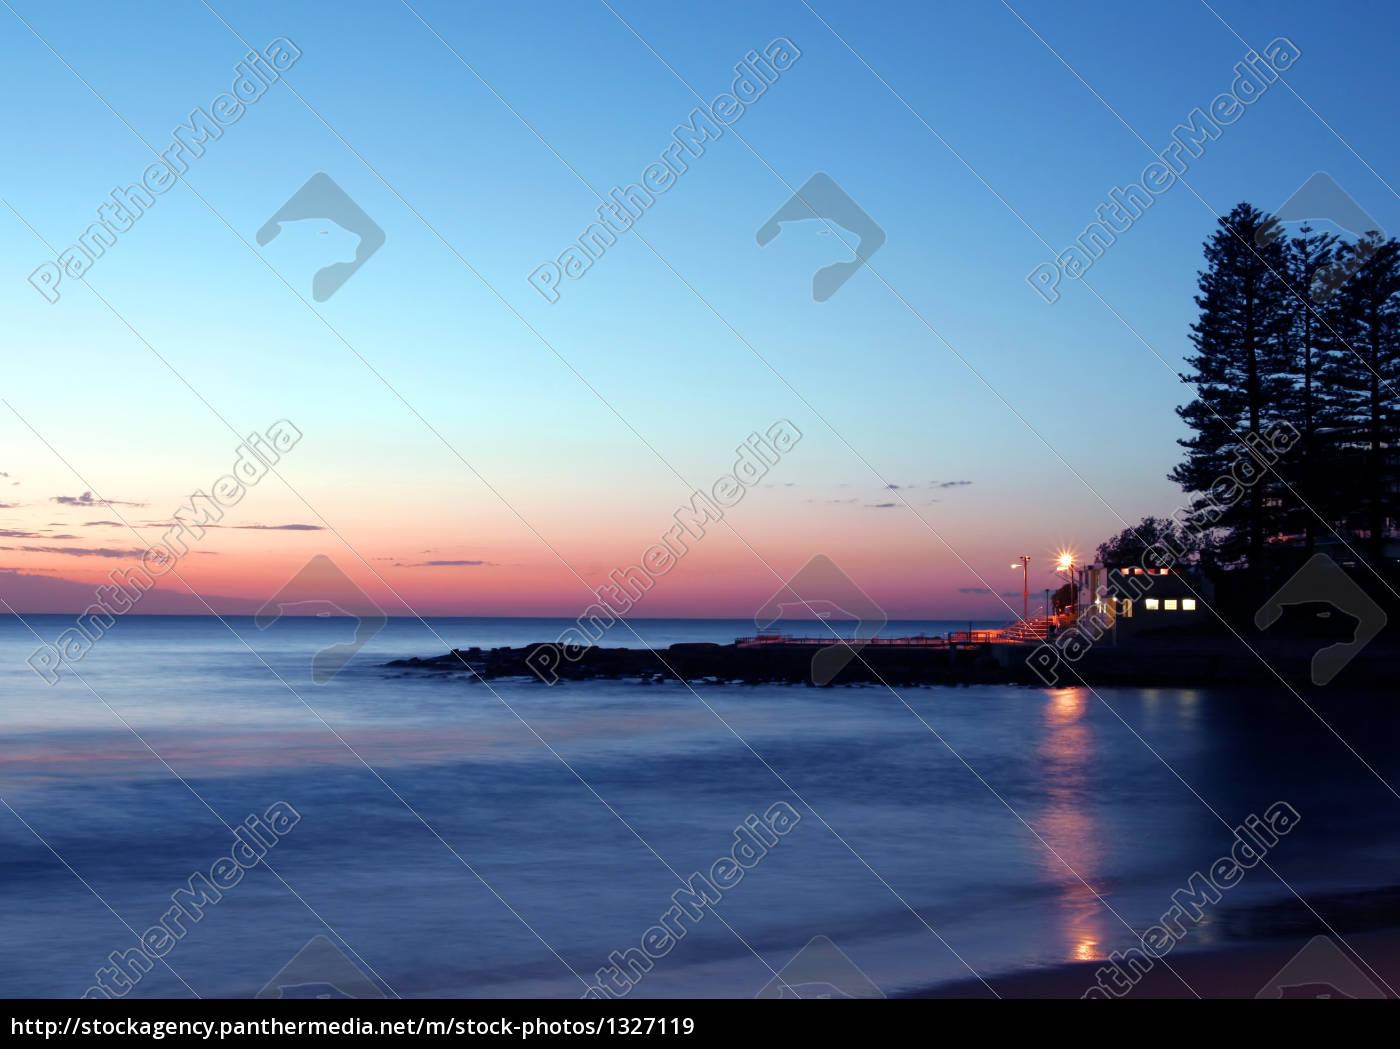 pacific, sunrise - 1327119